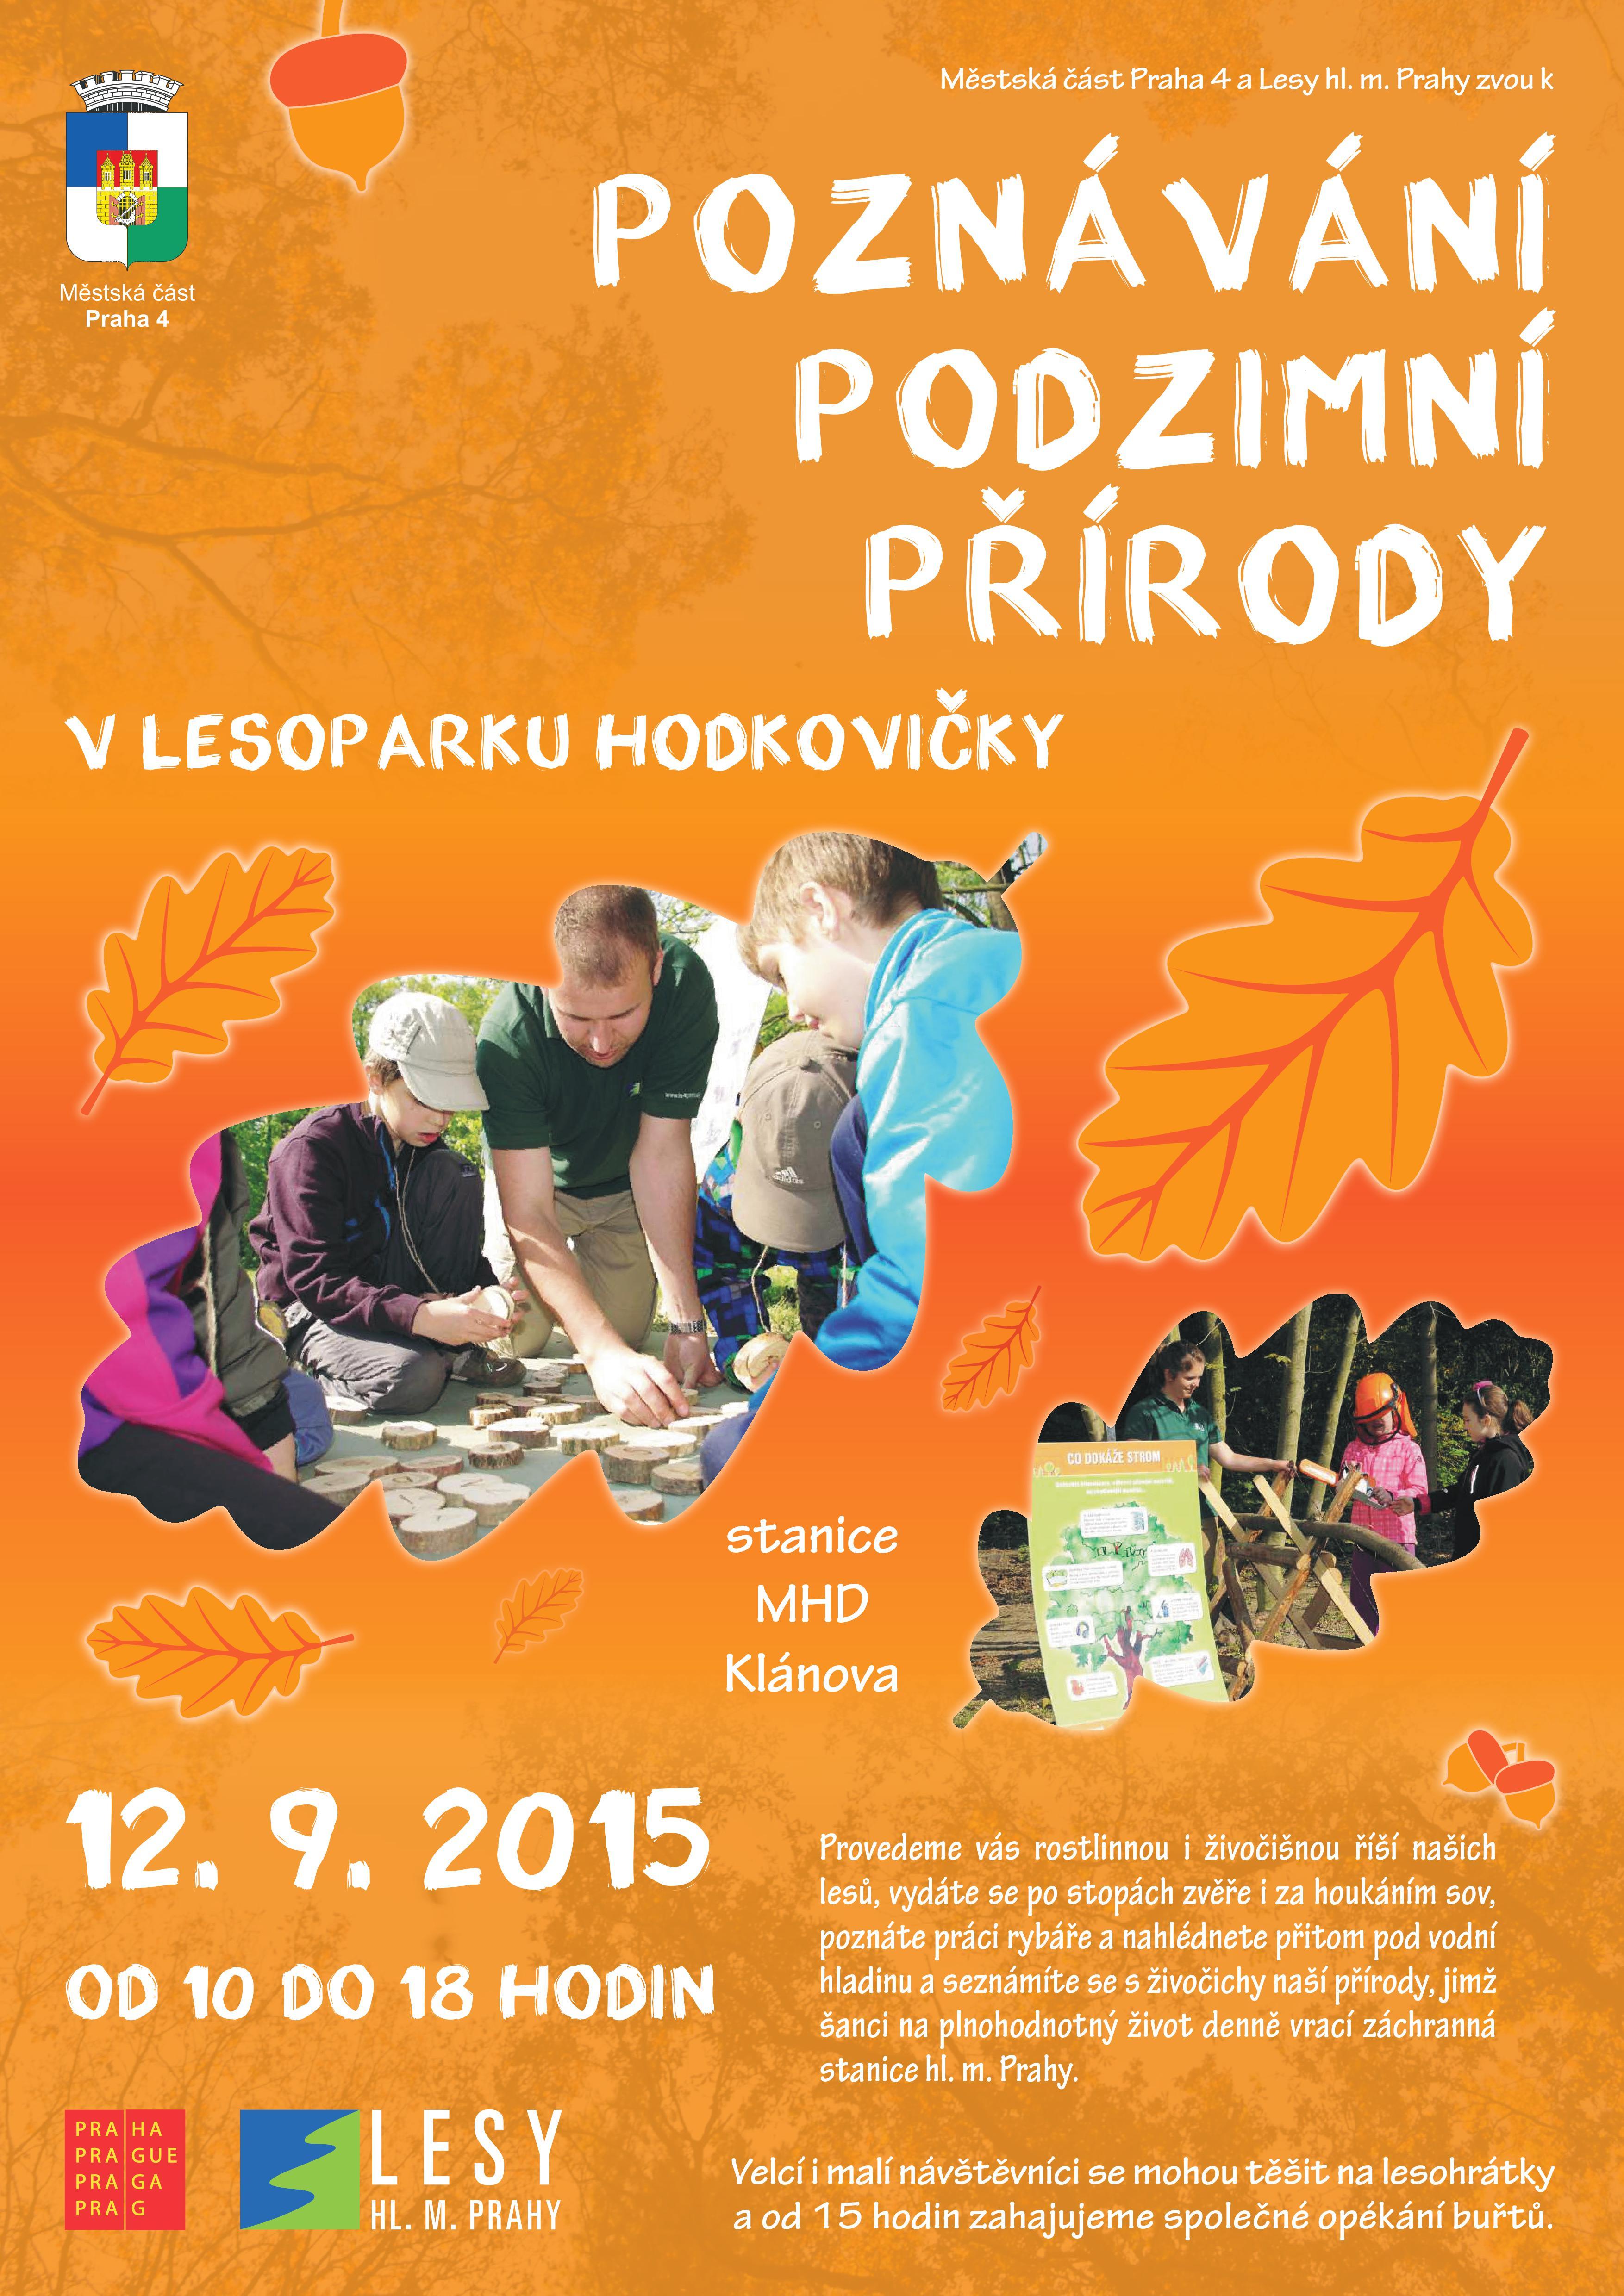 poznavani-podzimni-prirody2015